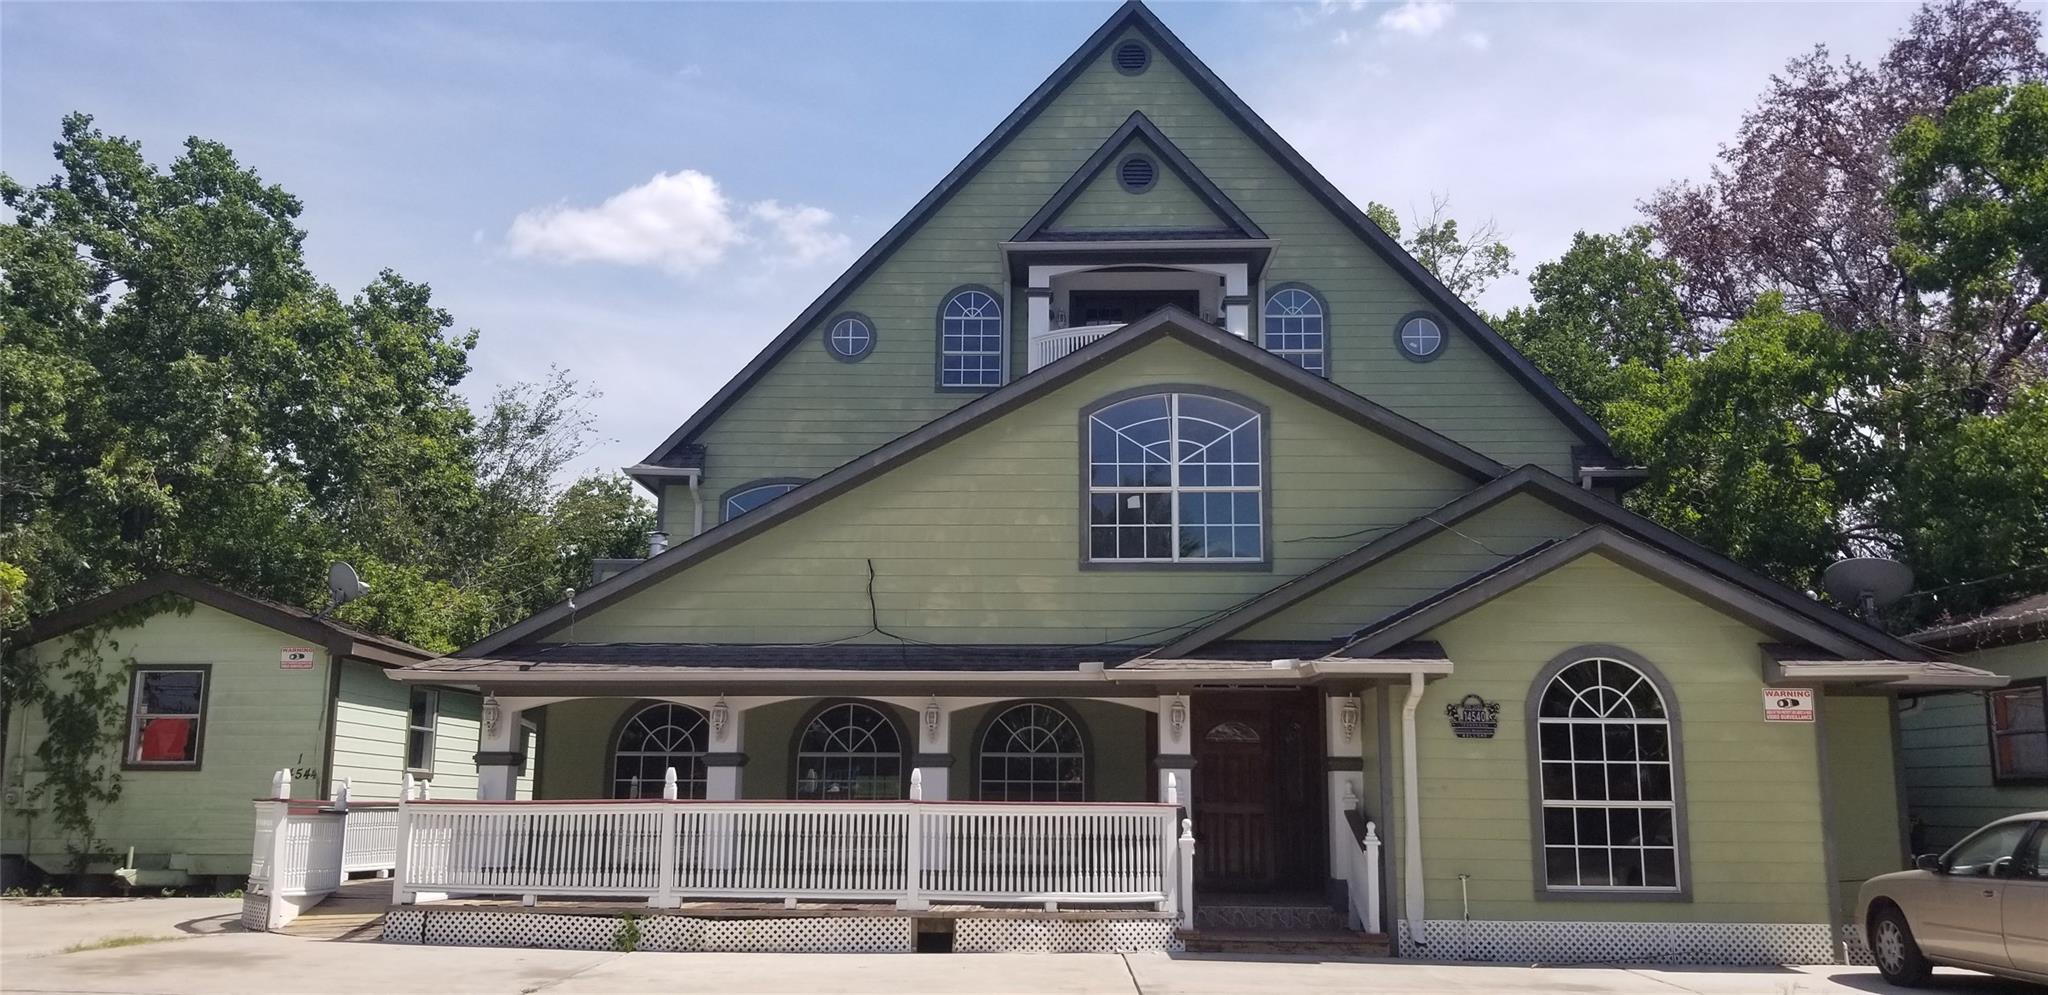 14540 Texarkana Street Property Photo - Houston, TX real estate listing